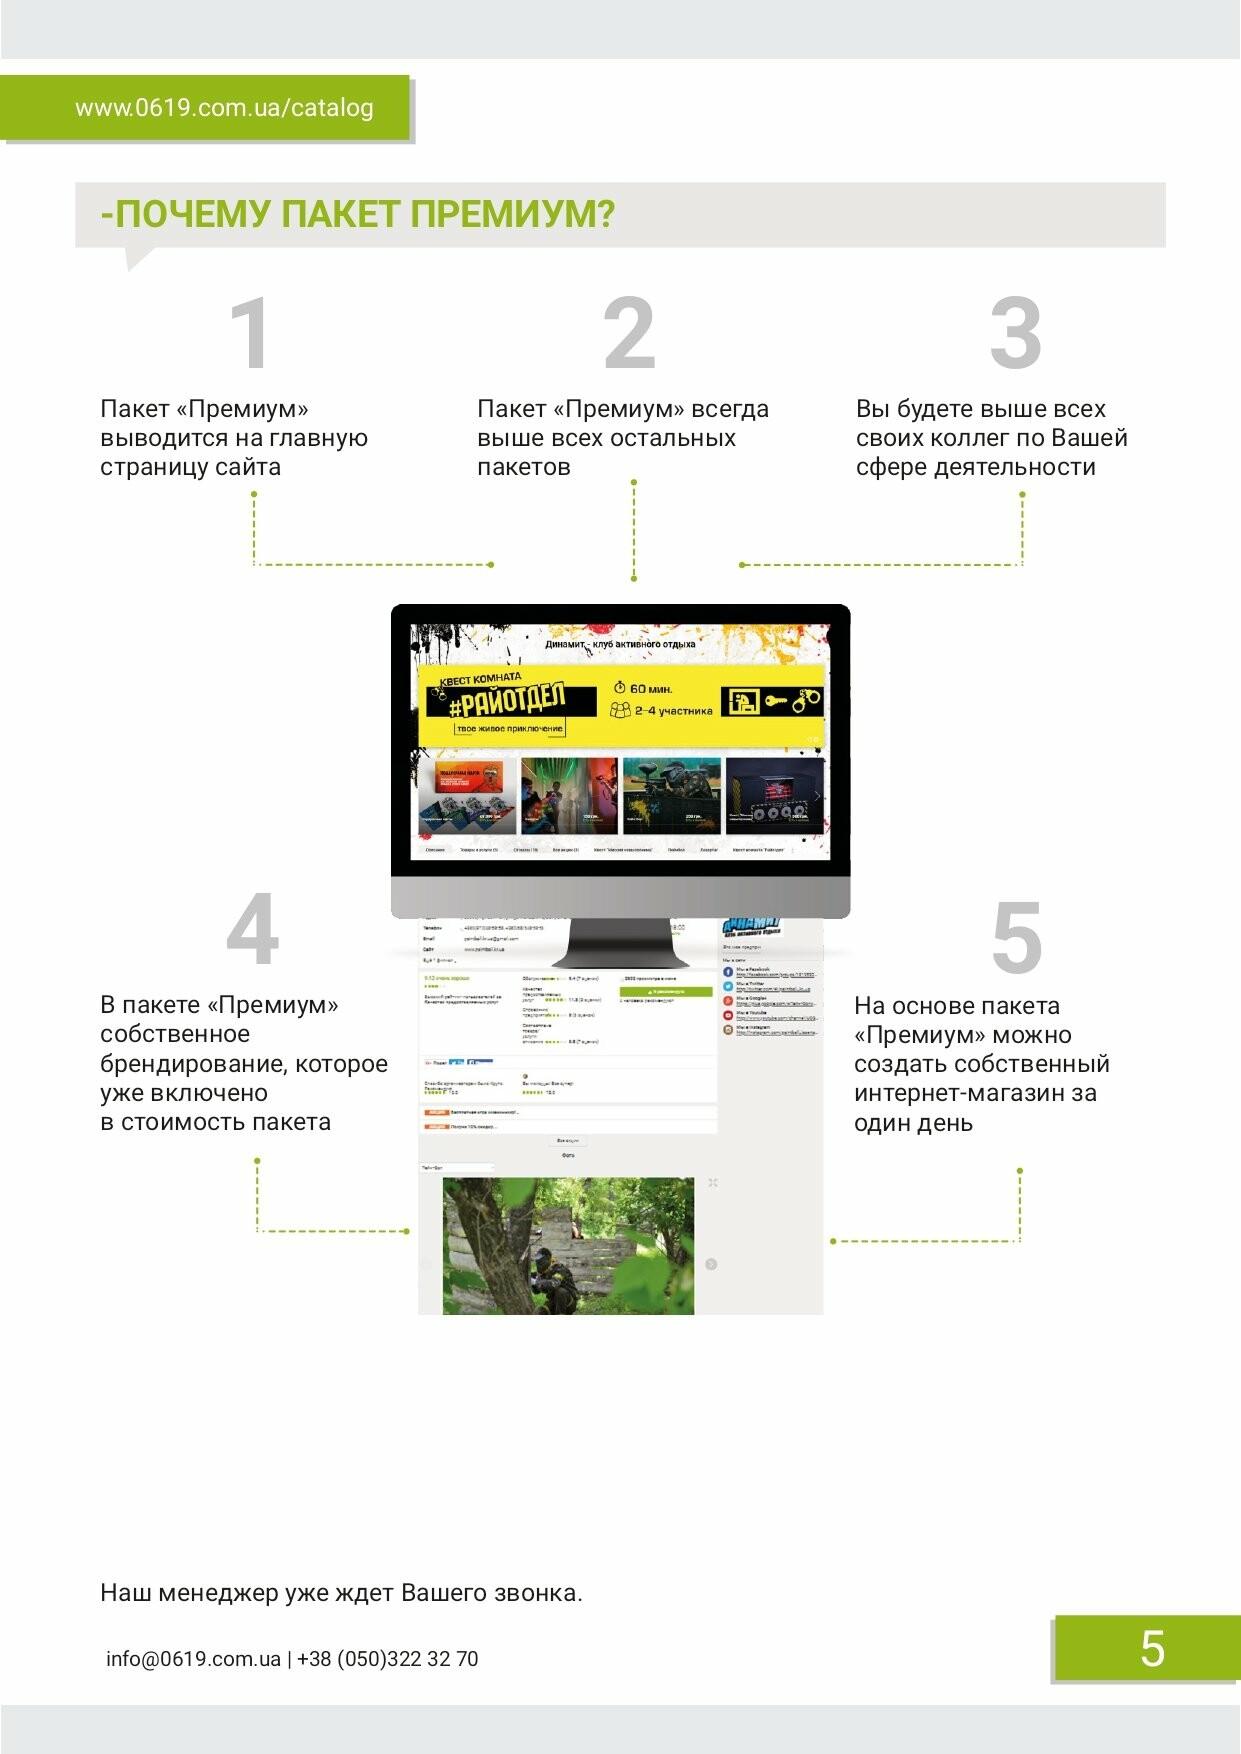 Выгодно и результативно: преимущества размещения товаров и услуг на сайте сети Сity Sites, фото-5